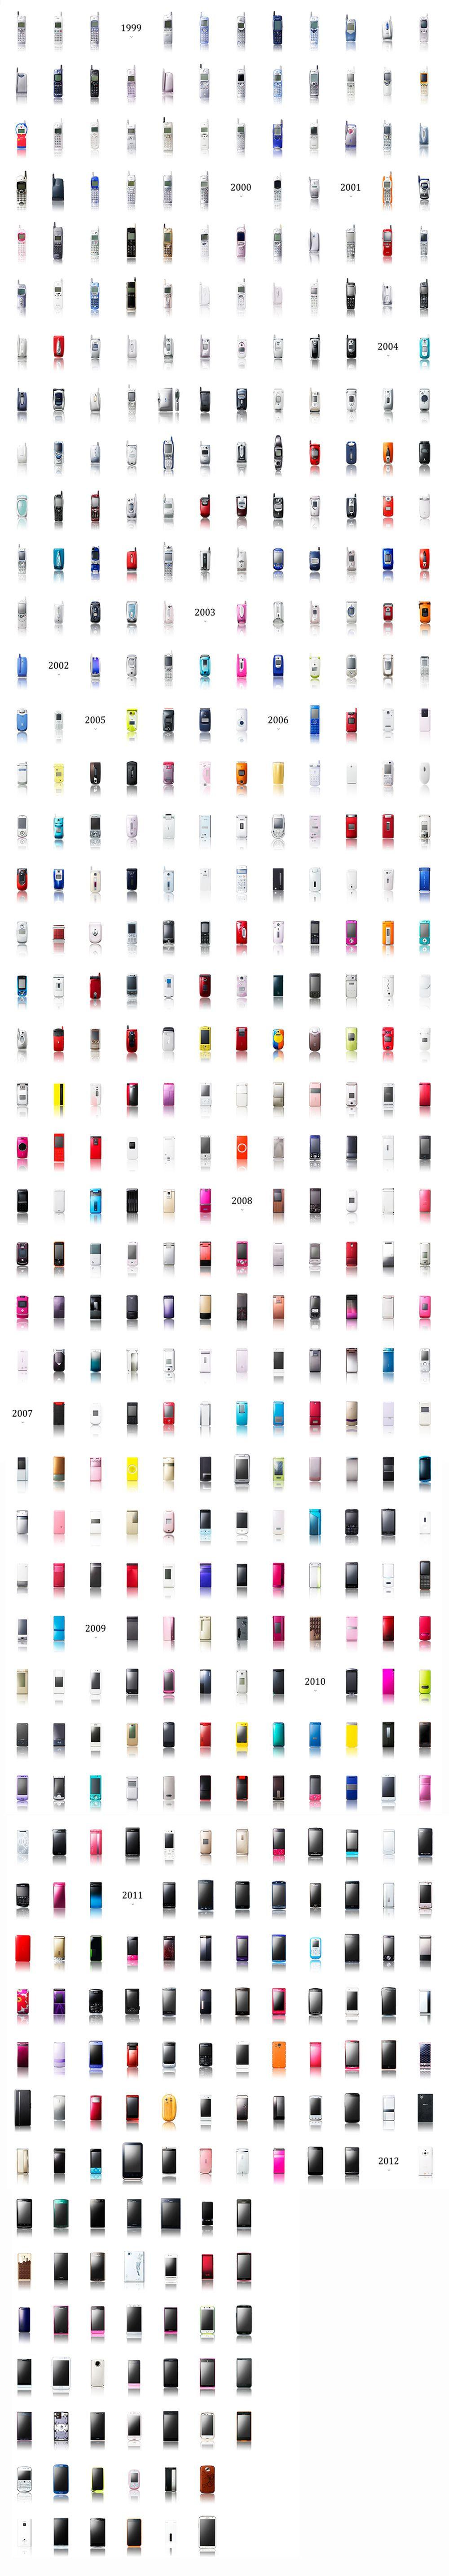 Эволюция мобильных телефонов с 1999 года по сегодняшний день